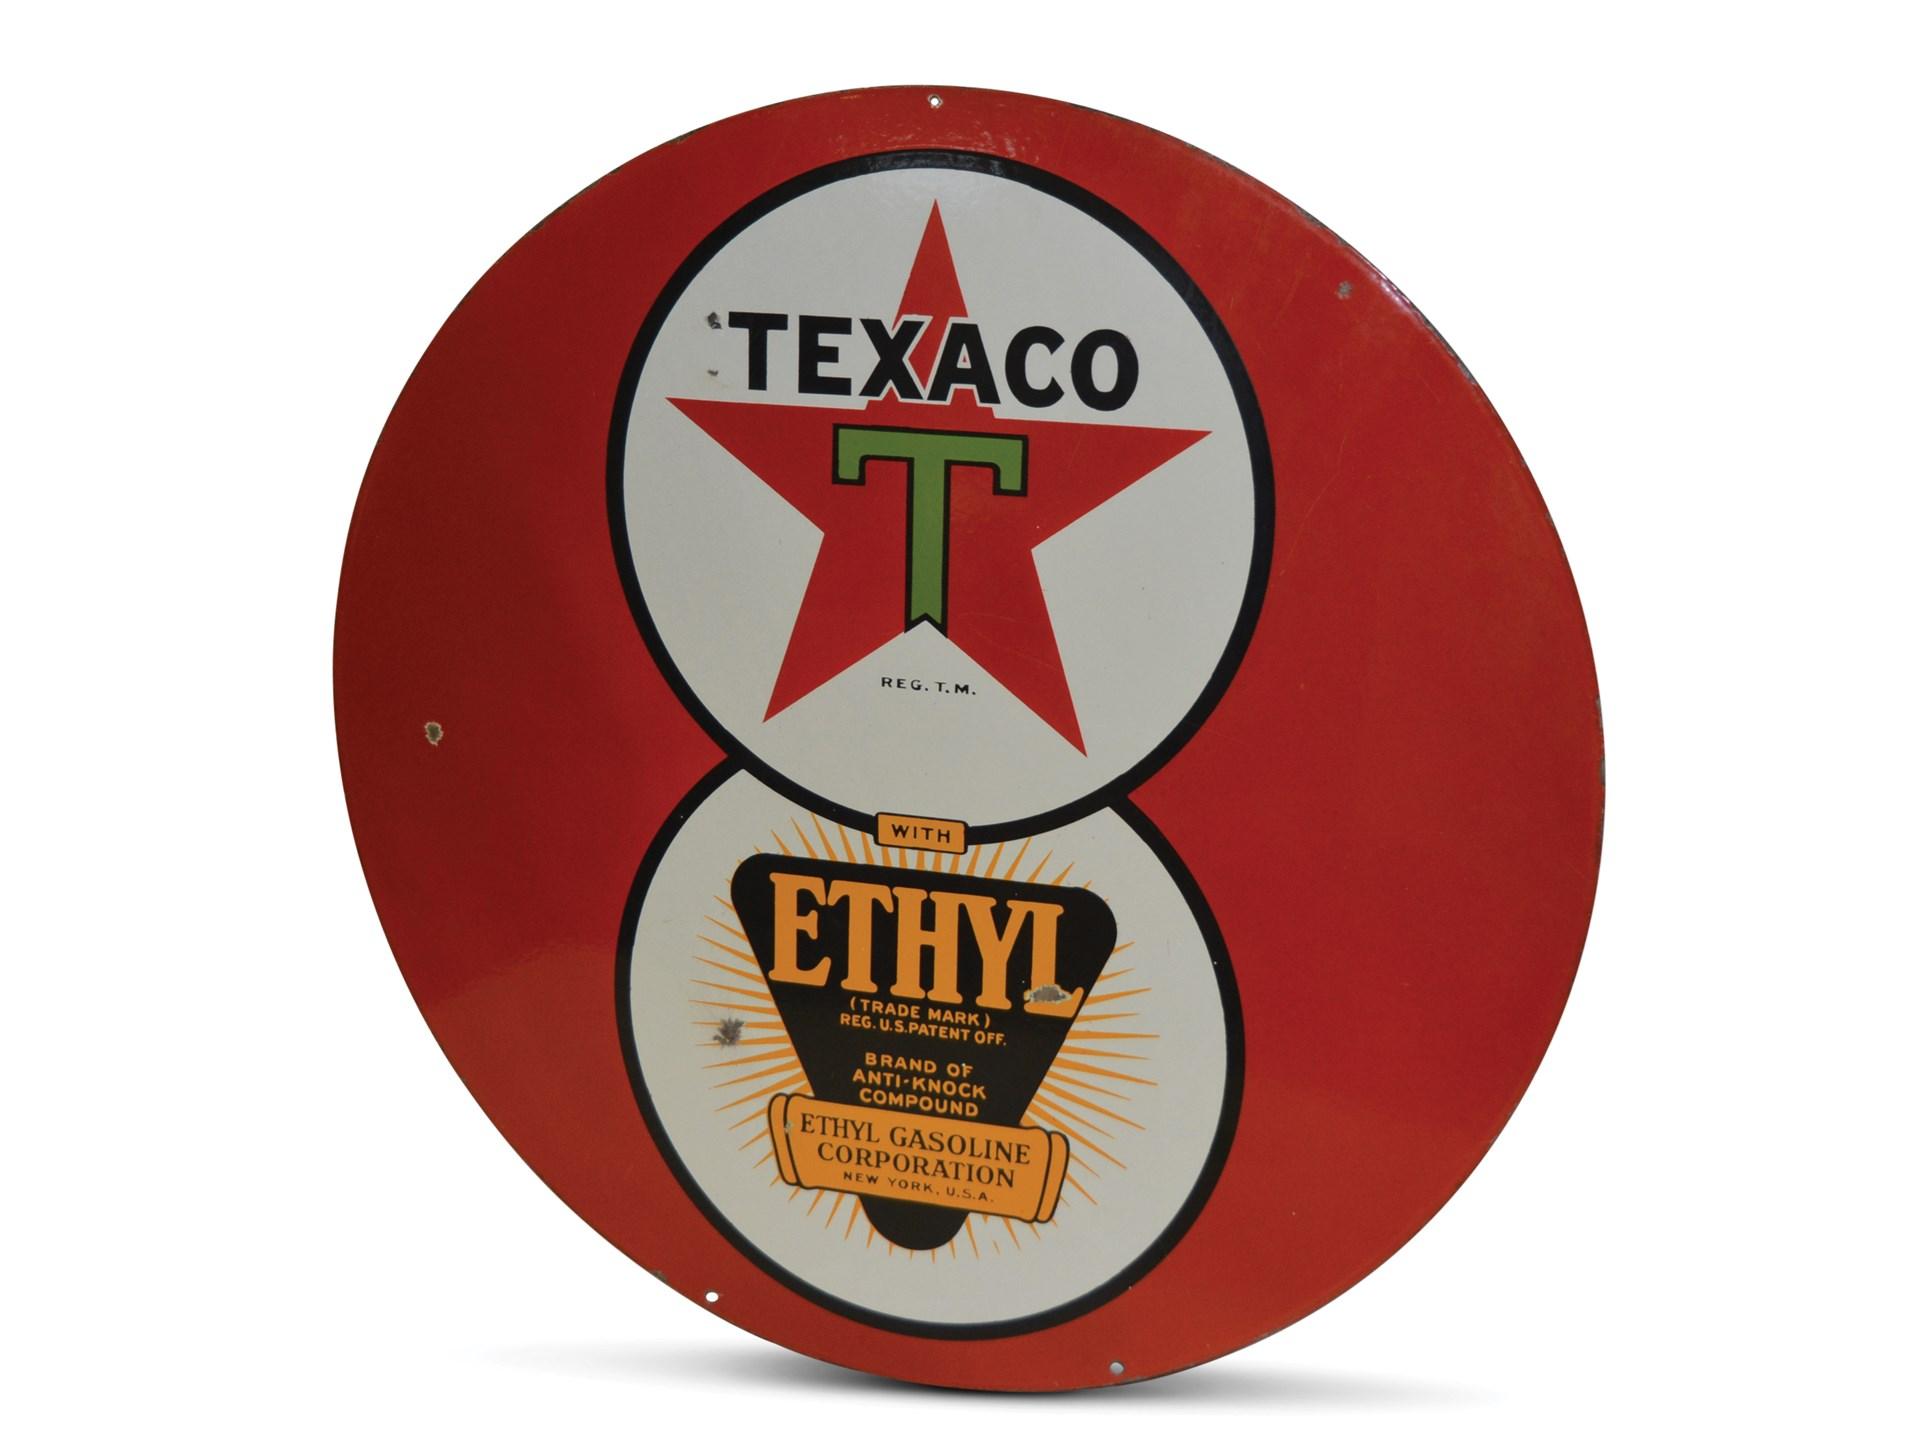 RM Sotheby's - Texaco '8-Ball' with Ethyl Logo Porcelain